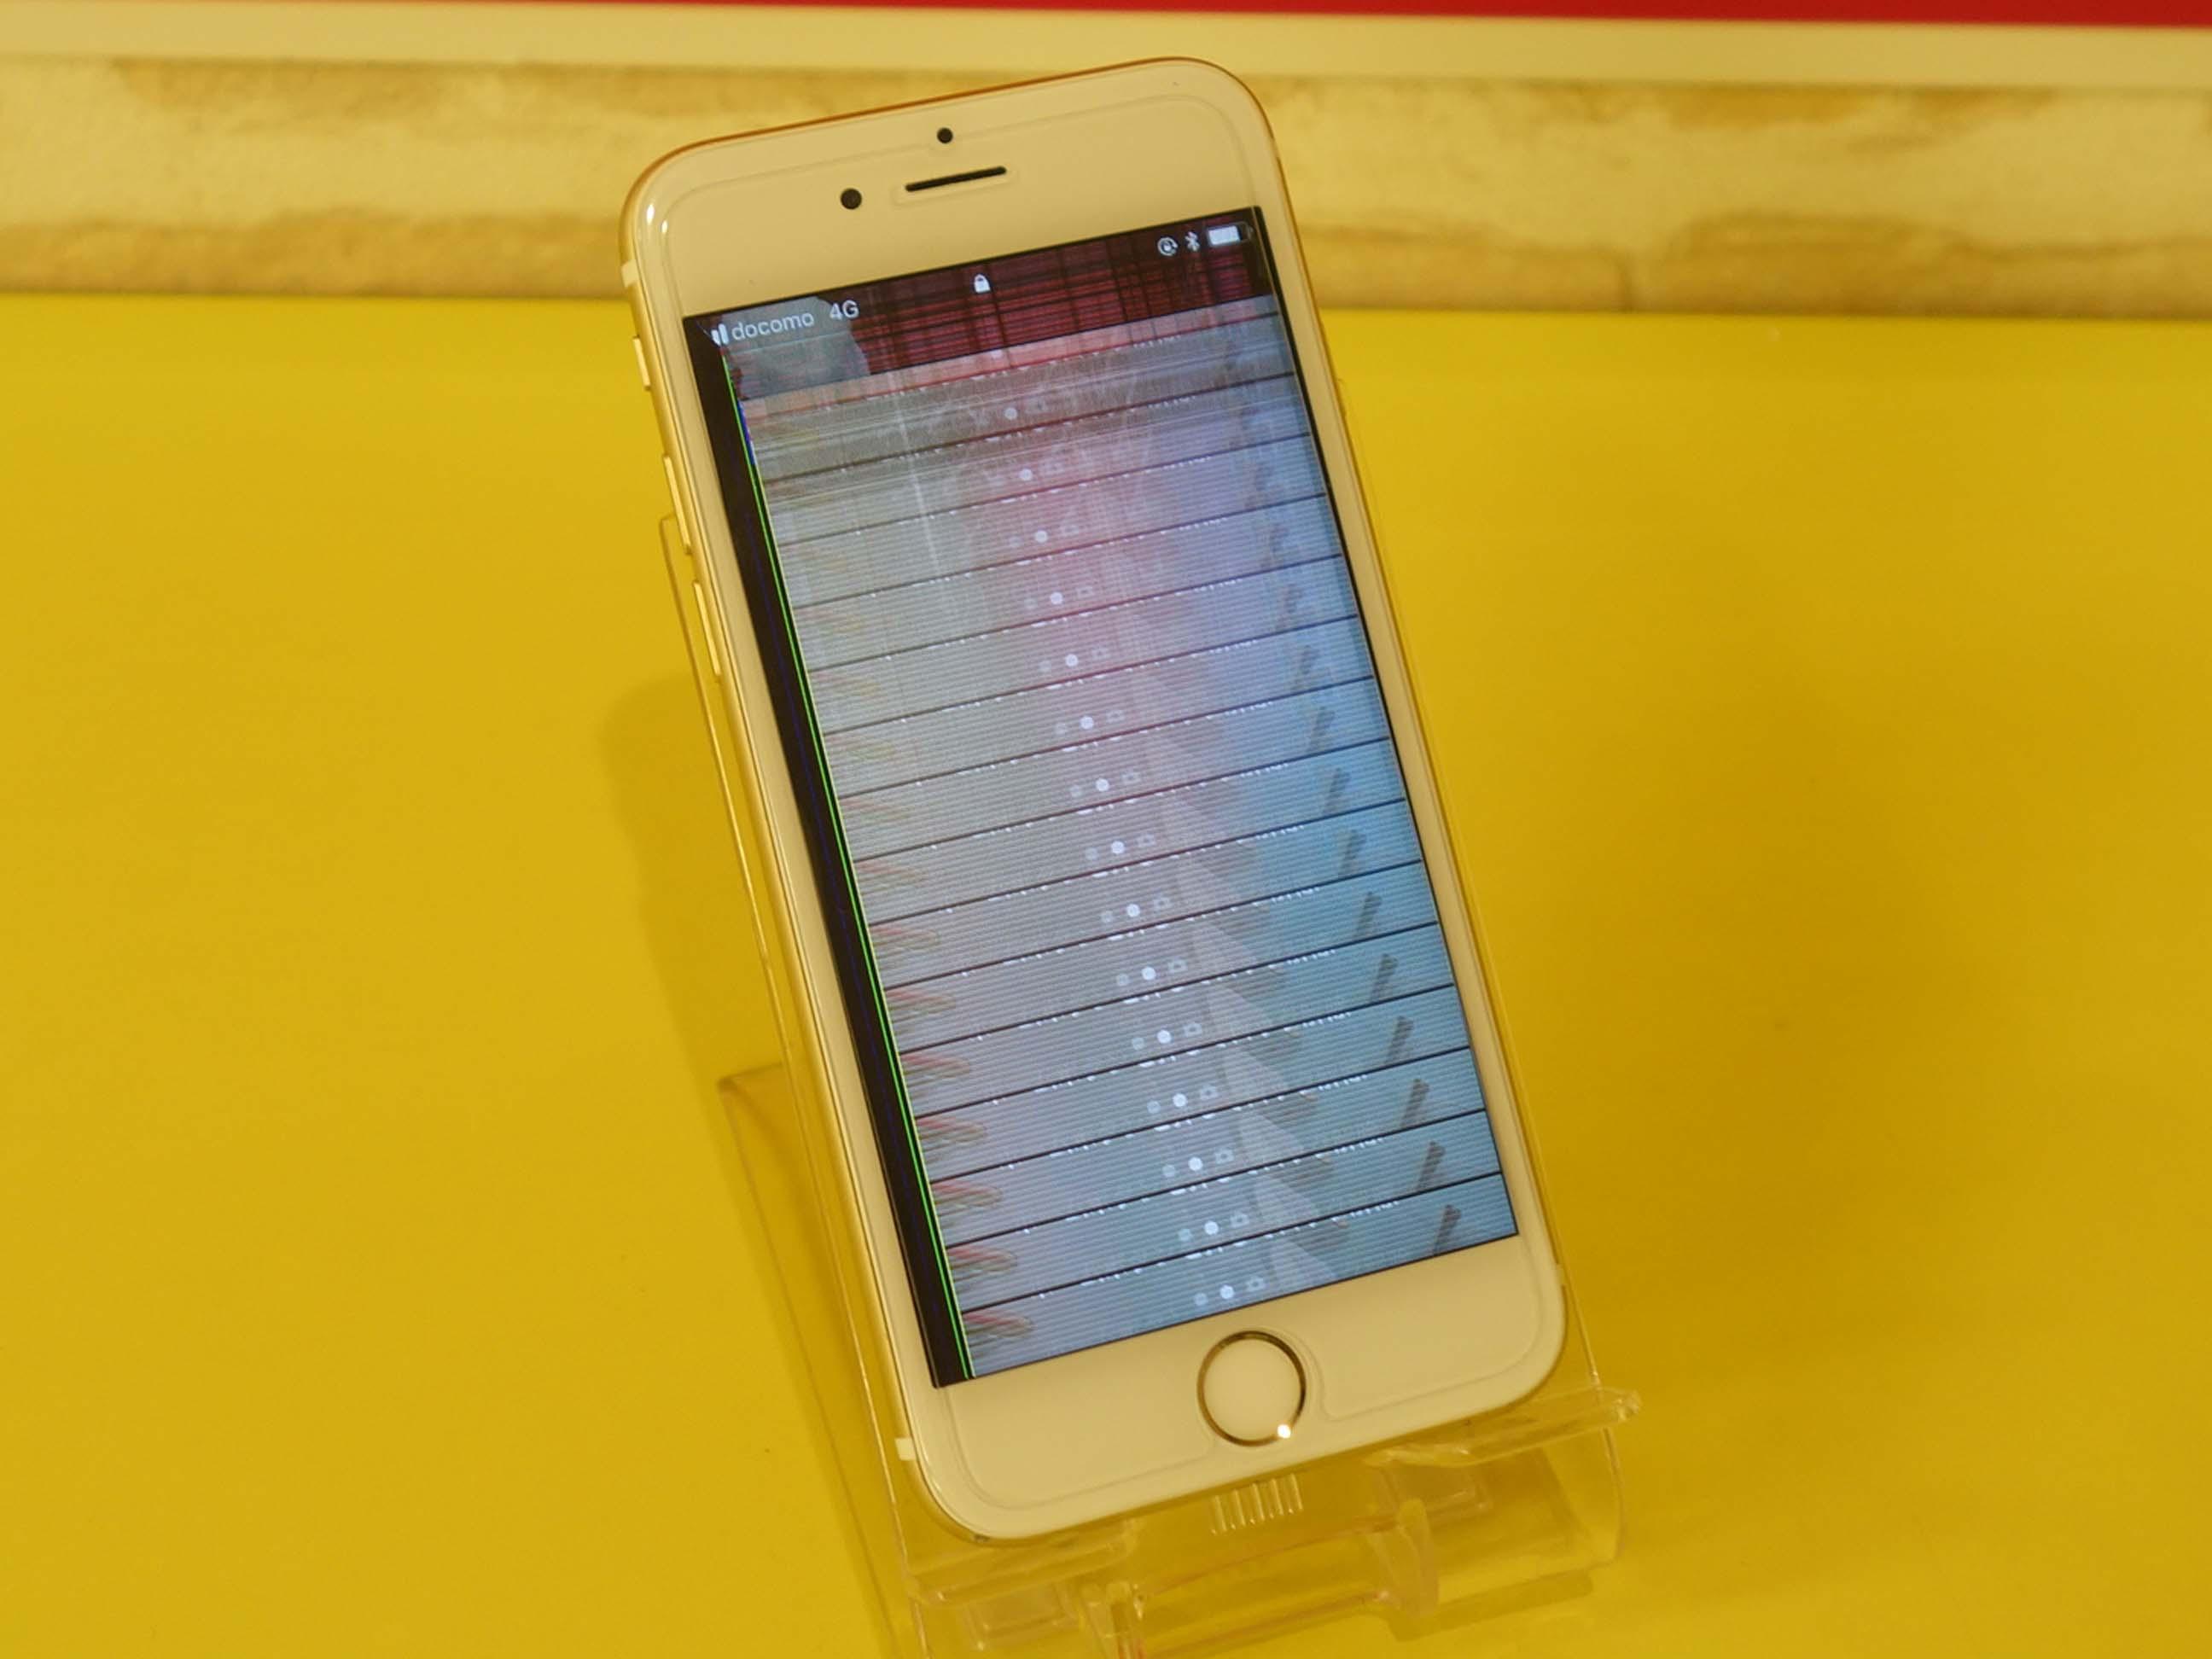 名古屋市 リピータ様 他店修理のiPhon6S 液晶画面修理 アイフォン修理のクイック名古屋